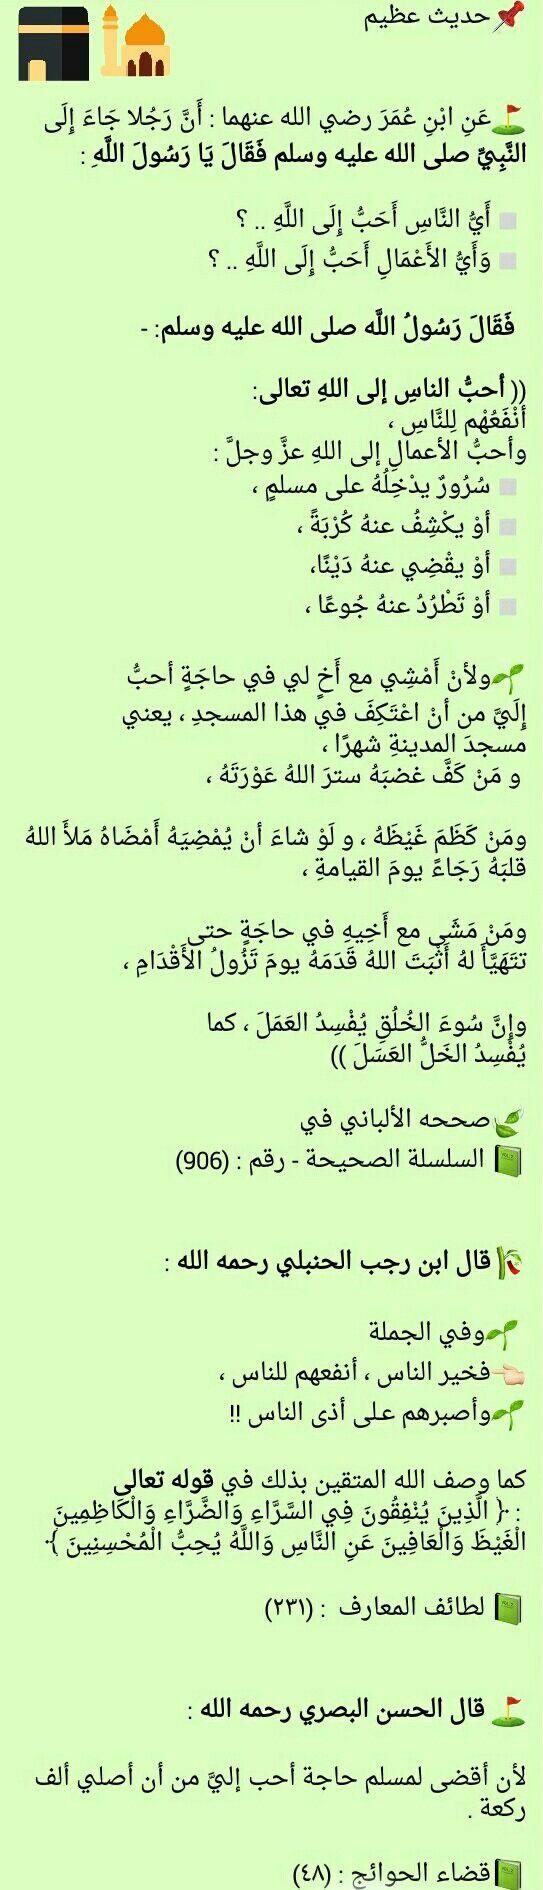 Pin On Islamic Salafi السلفية الأثرية